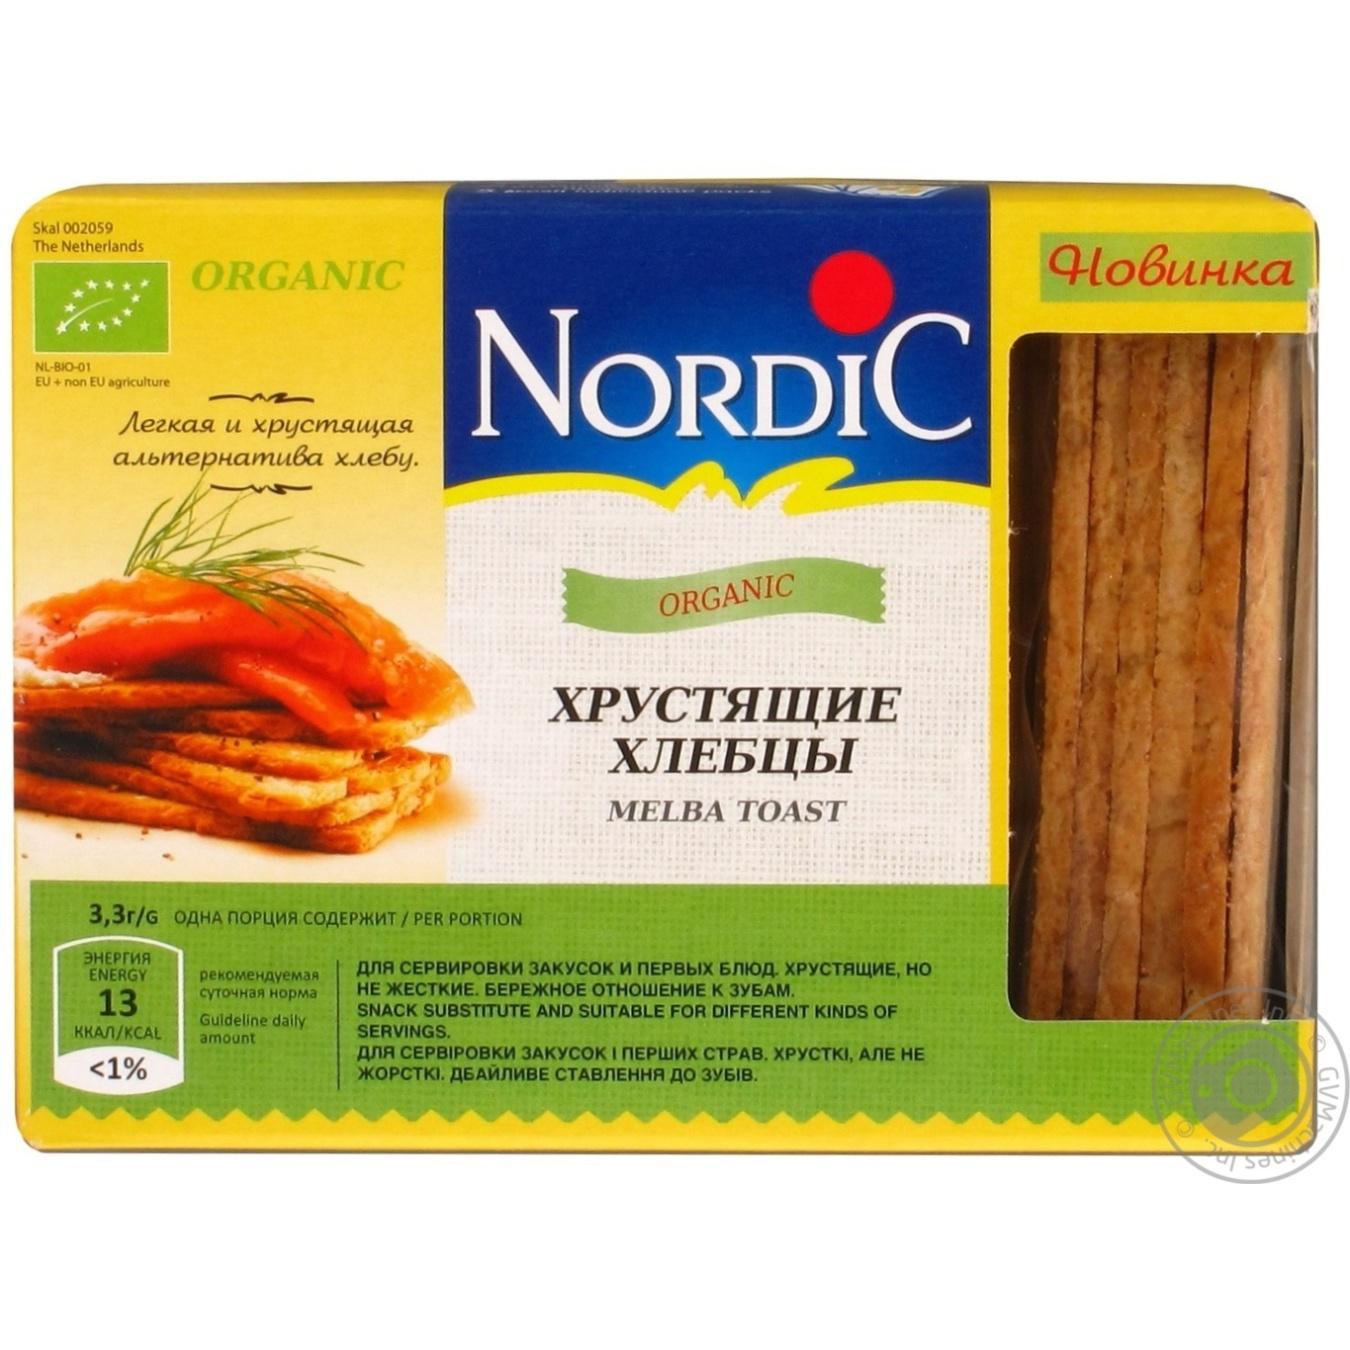 Купить Хлебцы Nordic органический хрустящие 100г